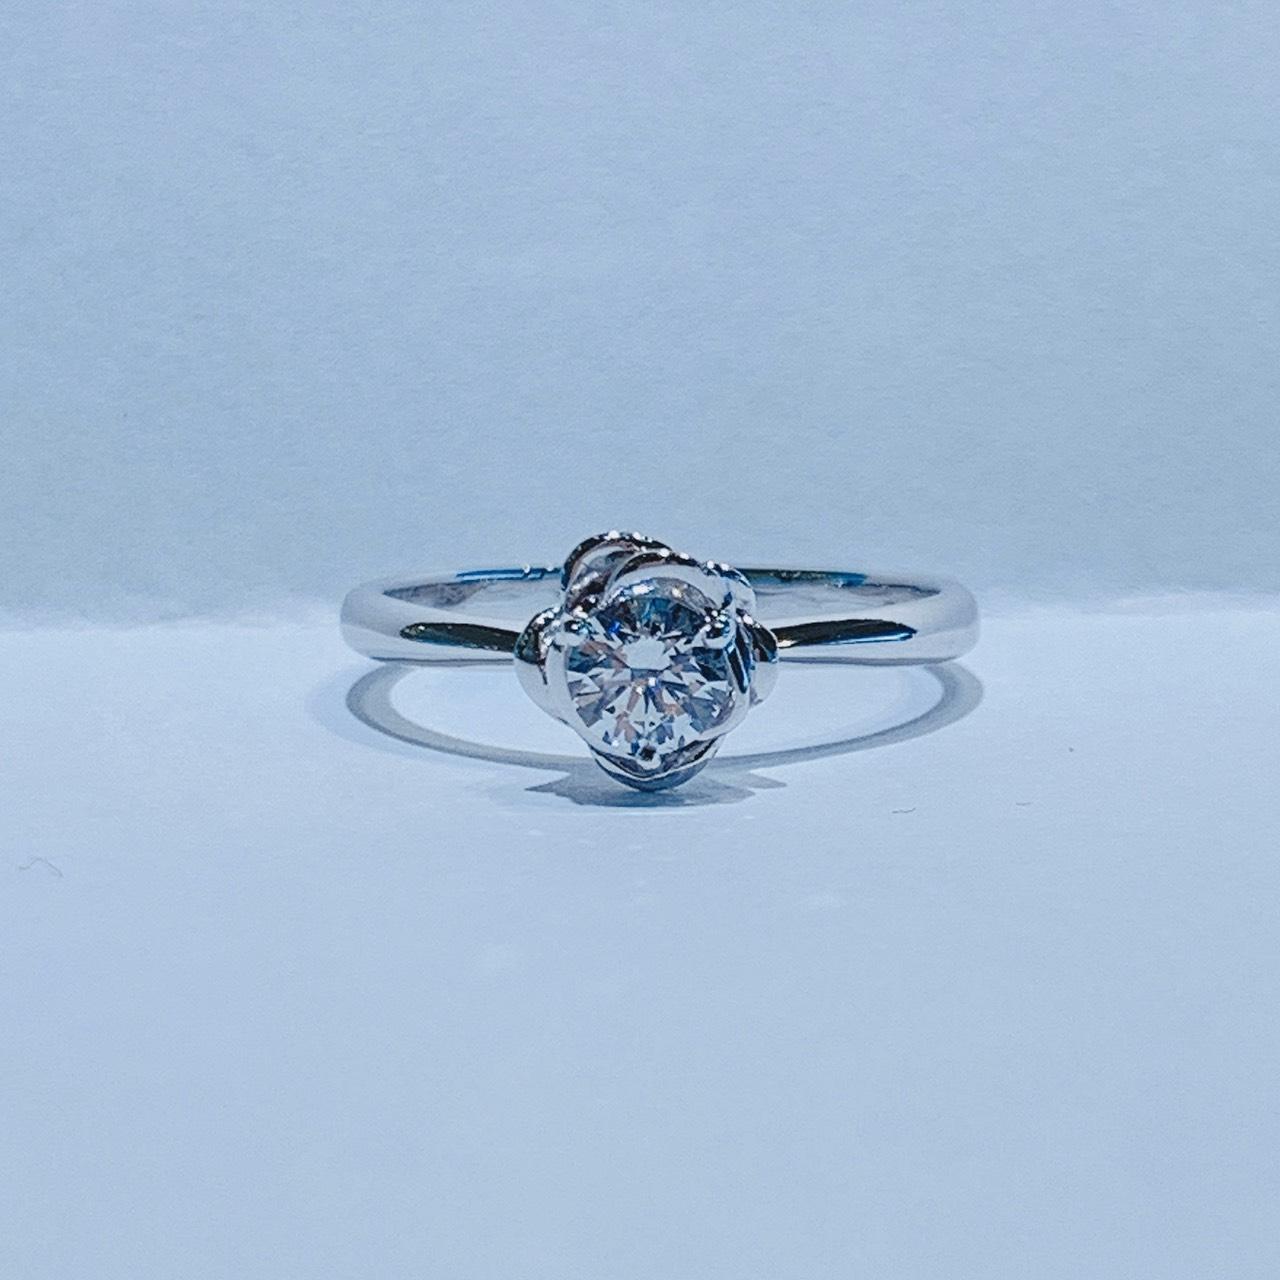 BROOCH 婚約指輪 エンゲージリング バラ風デザイン